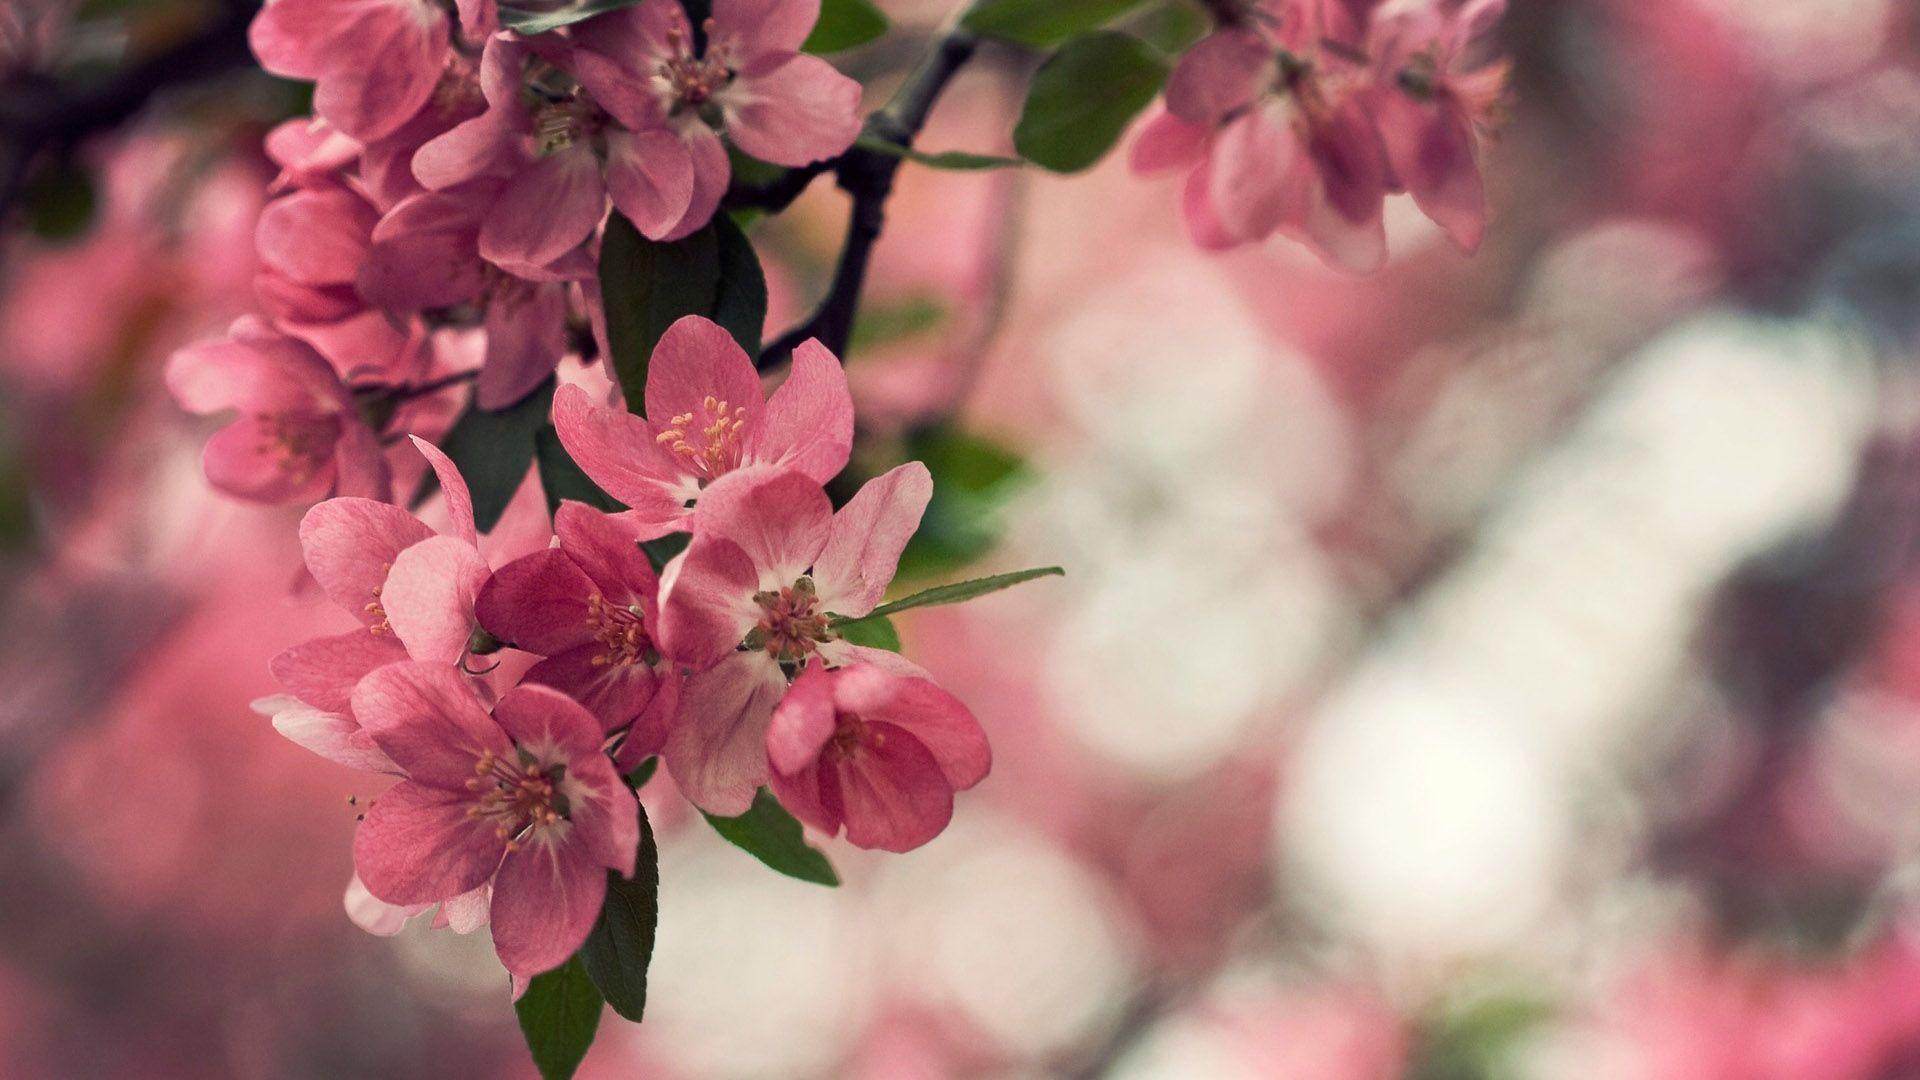 Flower Cherry Blossom Wallpaper Flower Wallpaper Best Flowers Images Hd wallpaper flower pink bloom plant